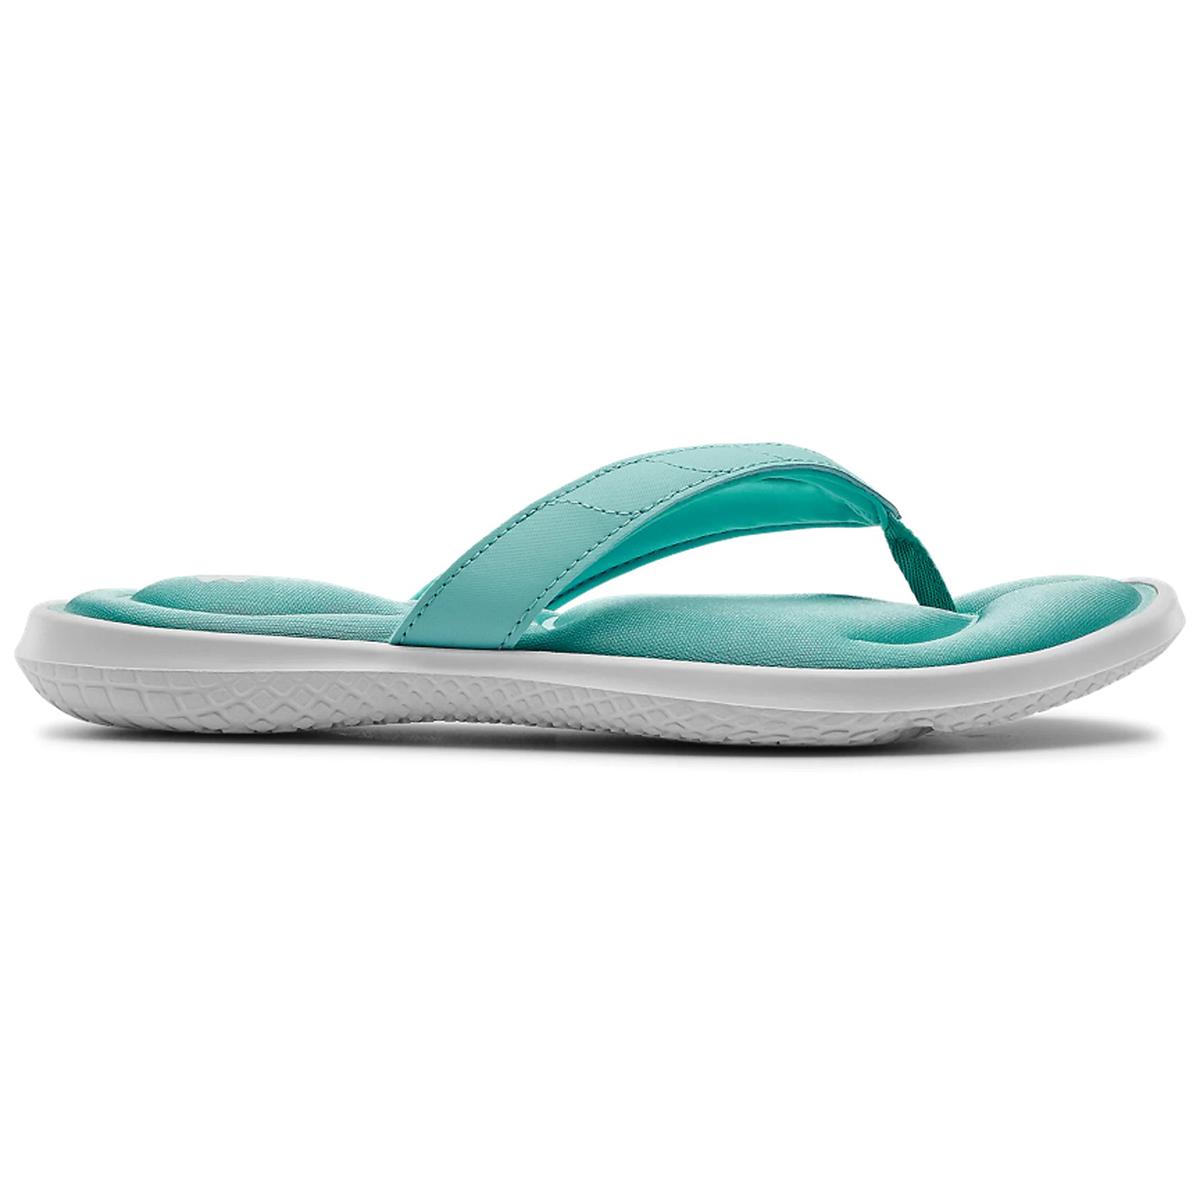 Under Armour Women's Marbella Vii Slide Sandals - Blue, 10